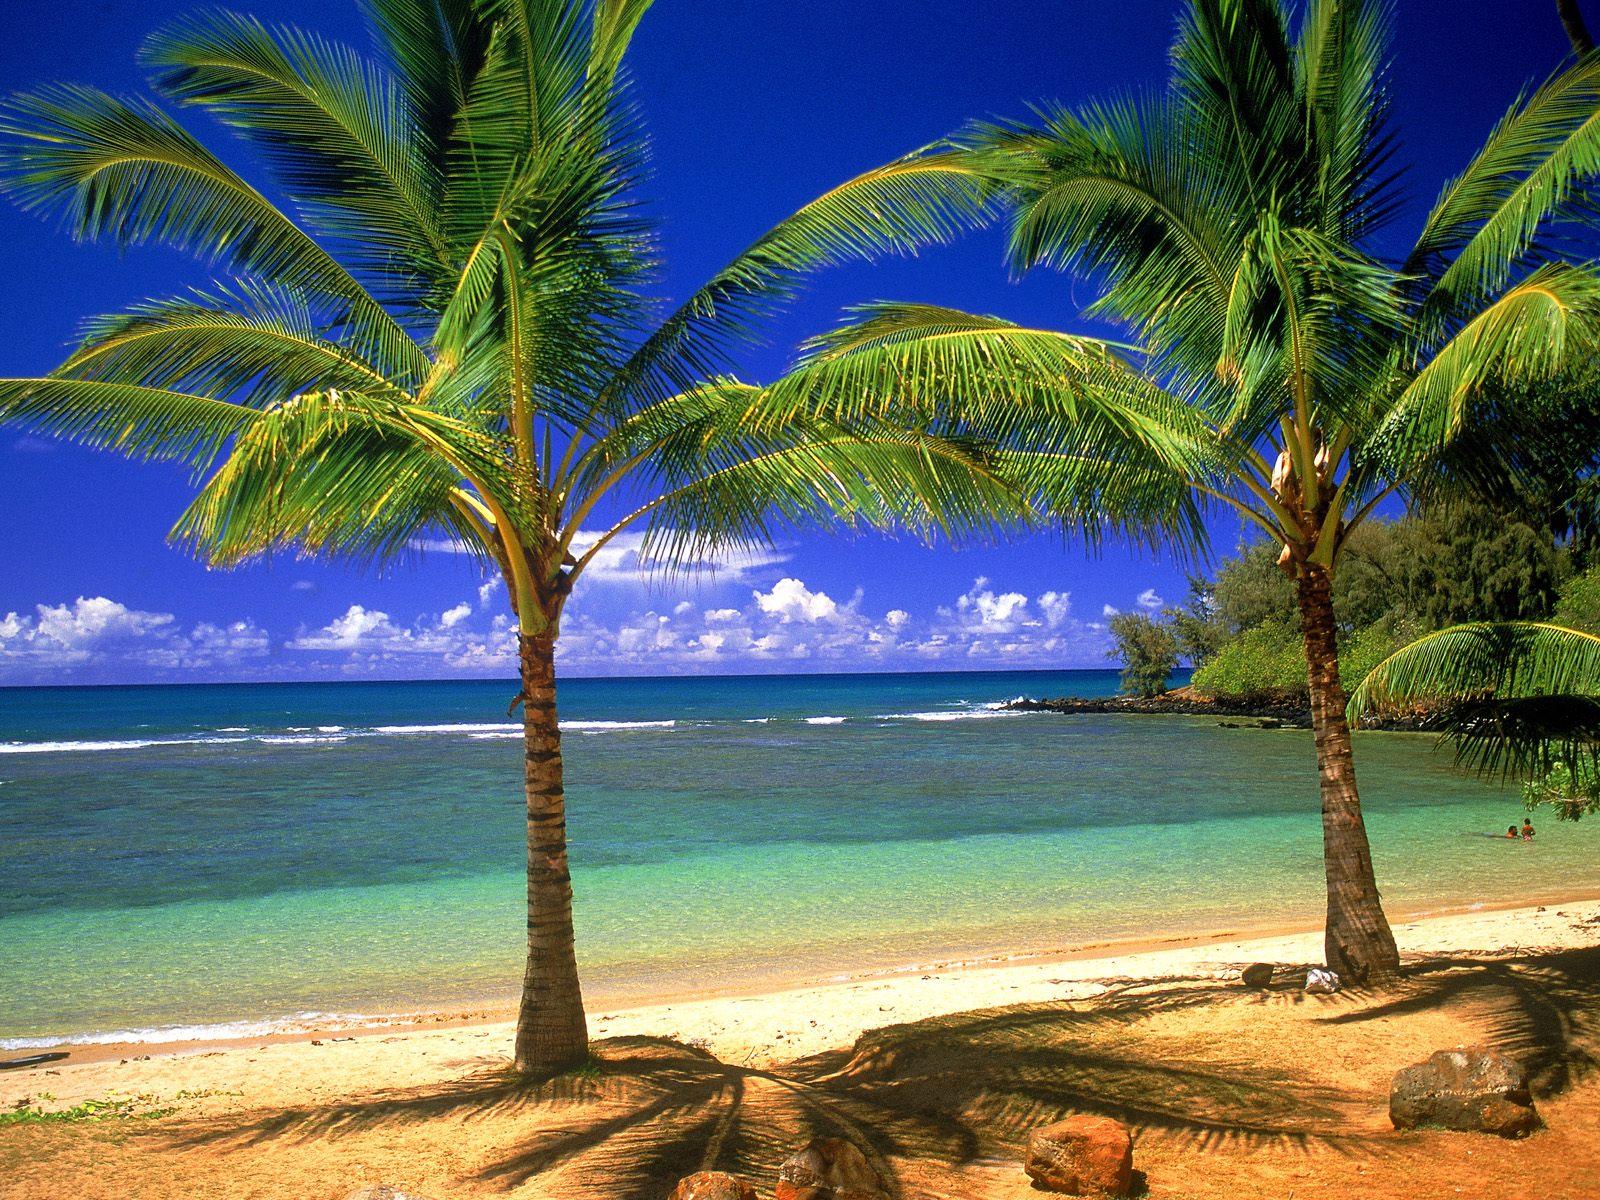 Wallppaer Of Beautiful Scenery In Tropical Lagoon 1600x1200